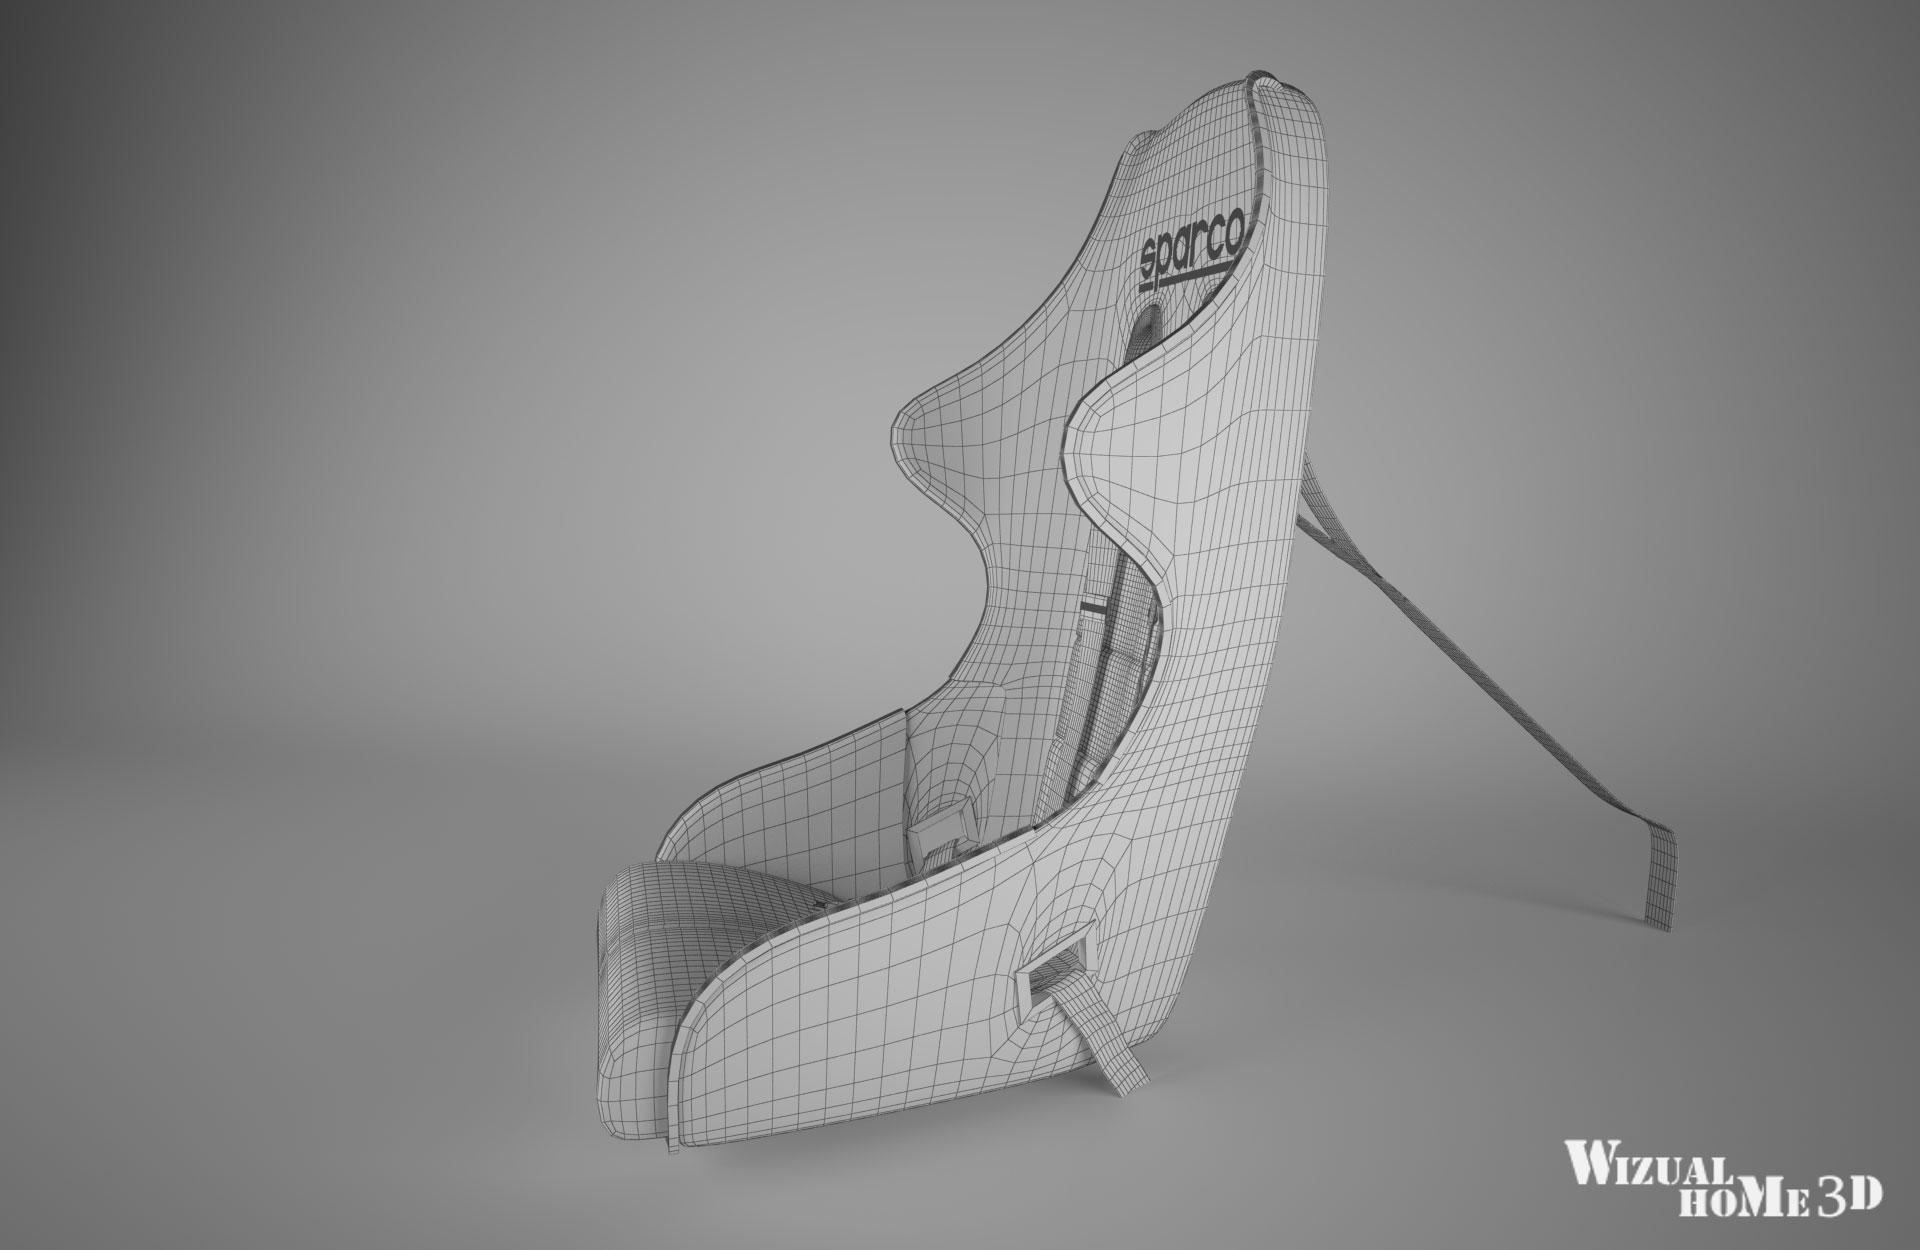 3d Model Wizualhome3d